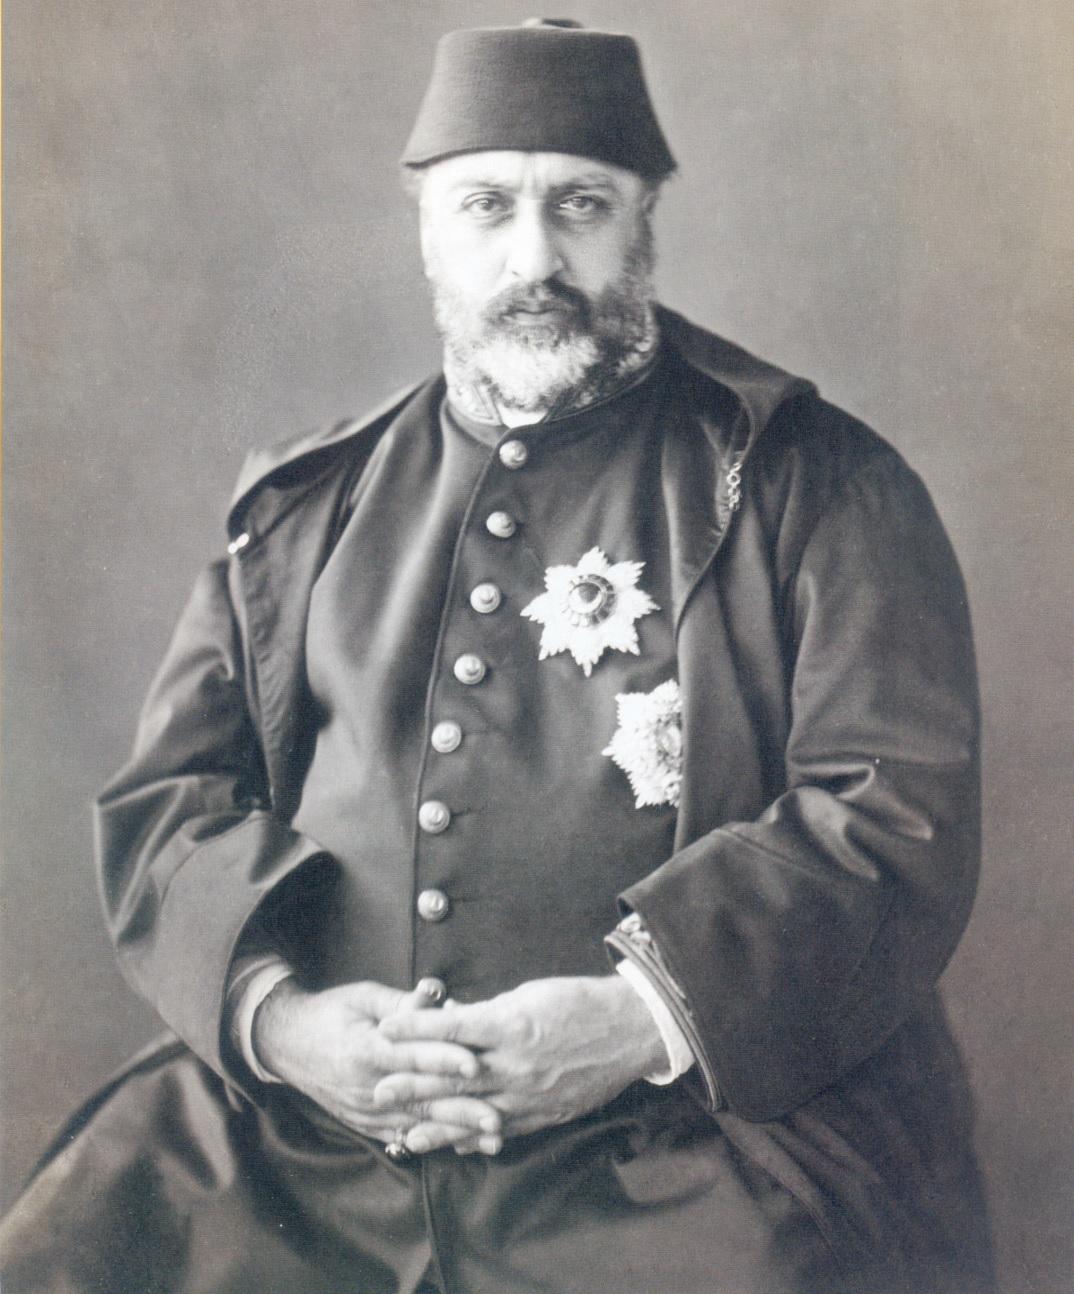 Sultan Abdülaziz İntihar Mı Etti. Mason Cinayeti Kurban Gitti. Osmanlı Padişahı Sultan Abdülaziz Kimdir. Ottoman Empire